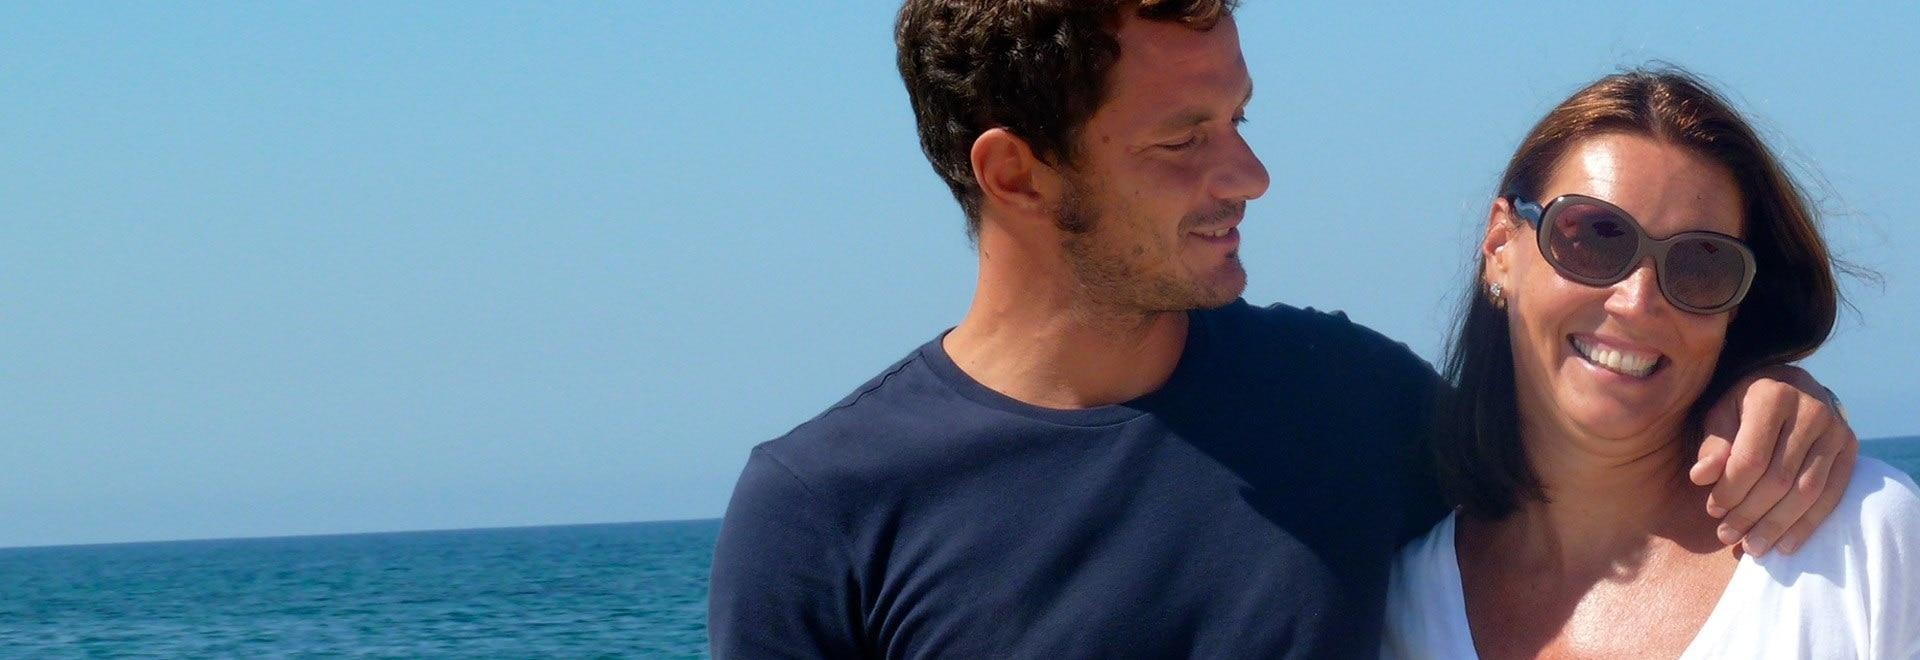 Sicilia: S. Vito Lo Capo - Favignana